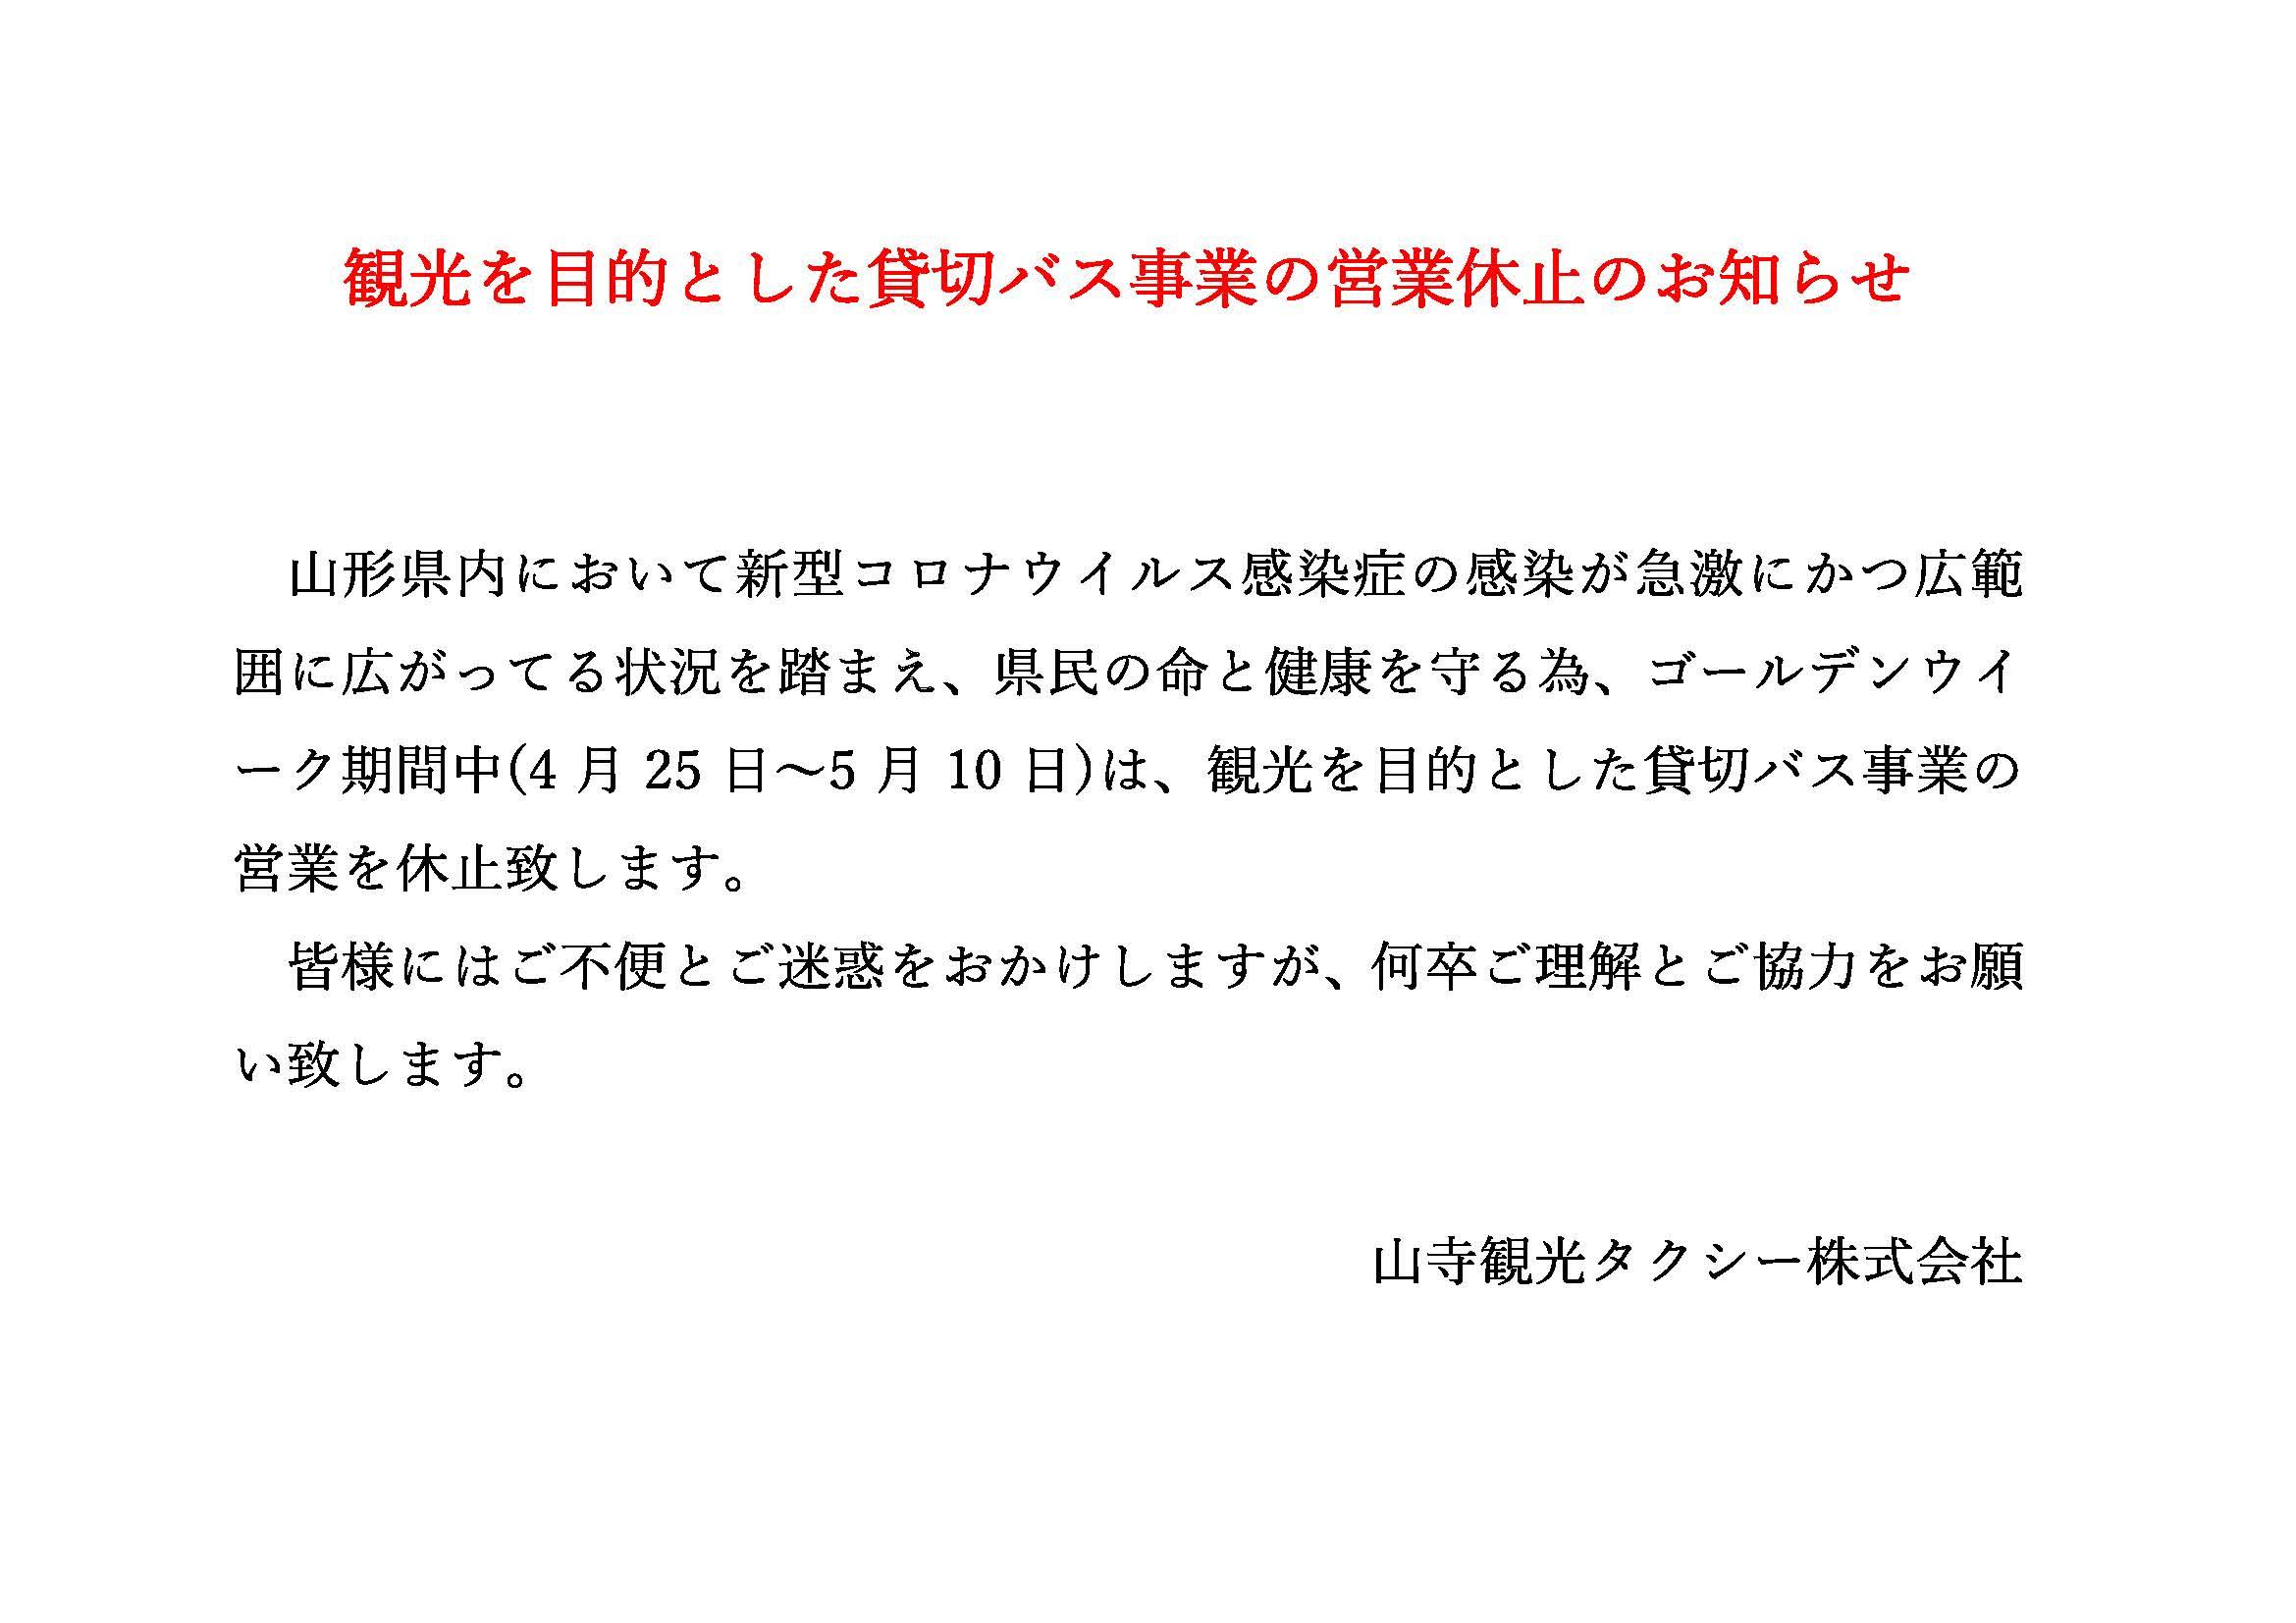 観光を目的とした貸切バス事業の営業休止のお知らせ - 山寺観光 ...